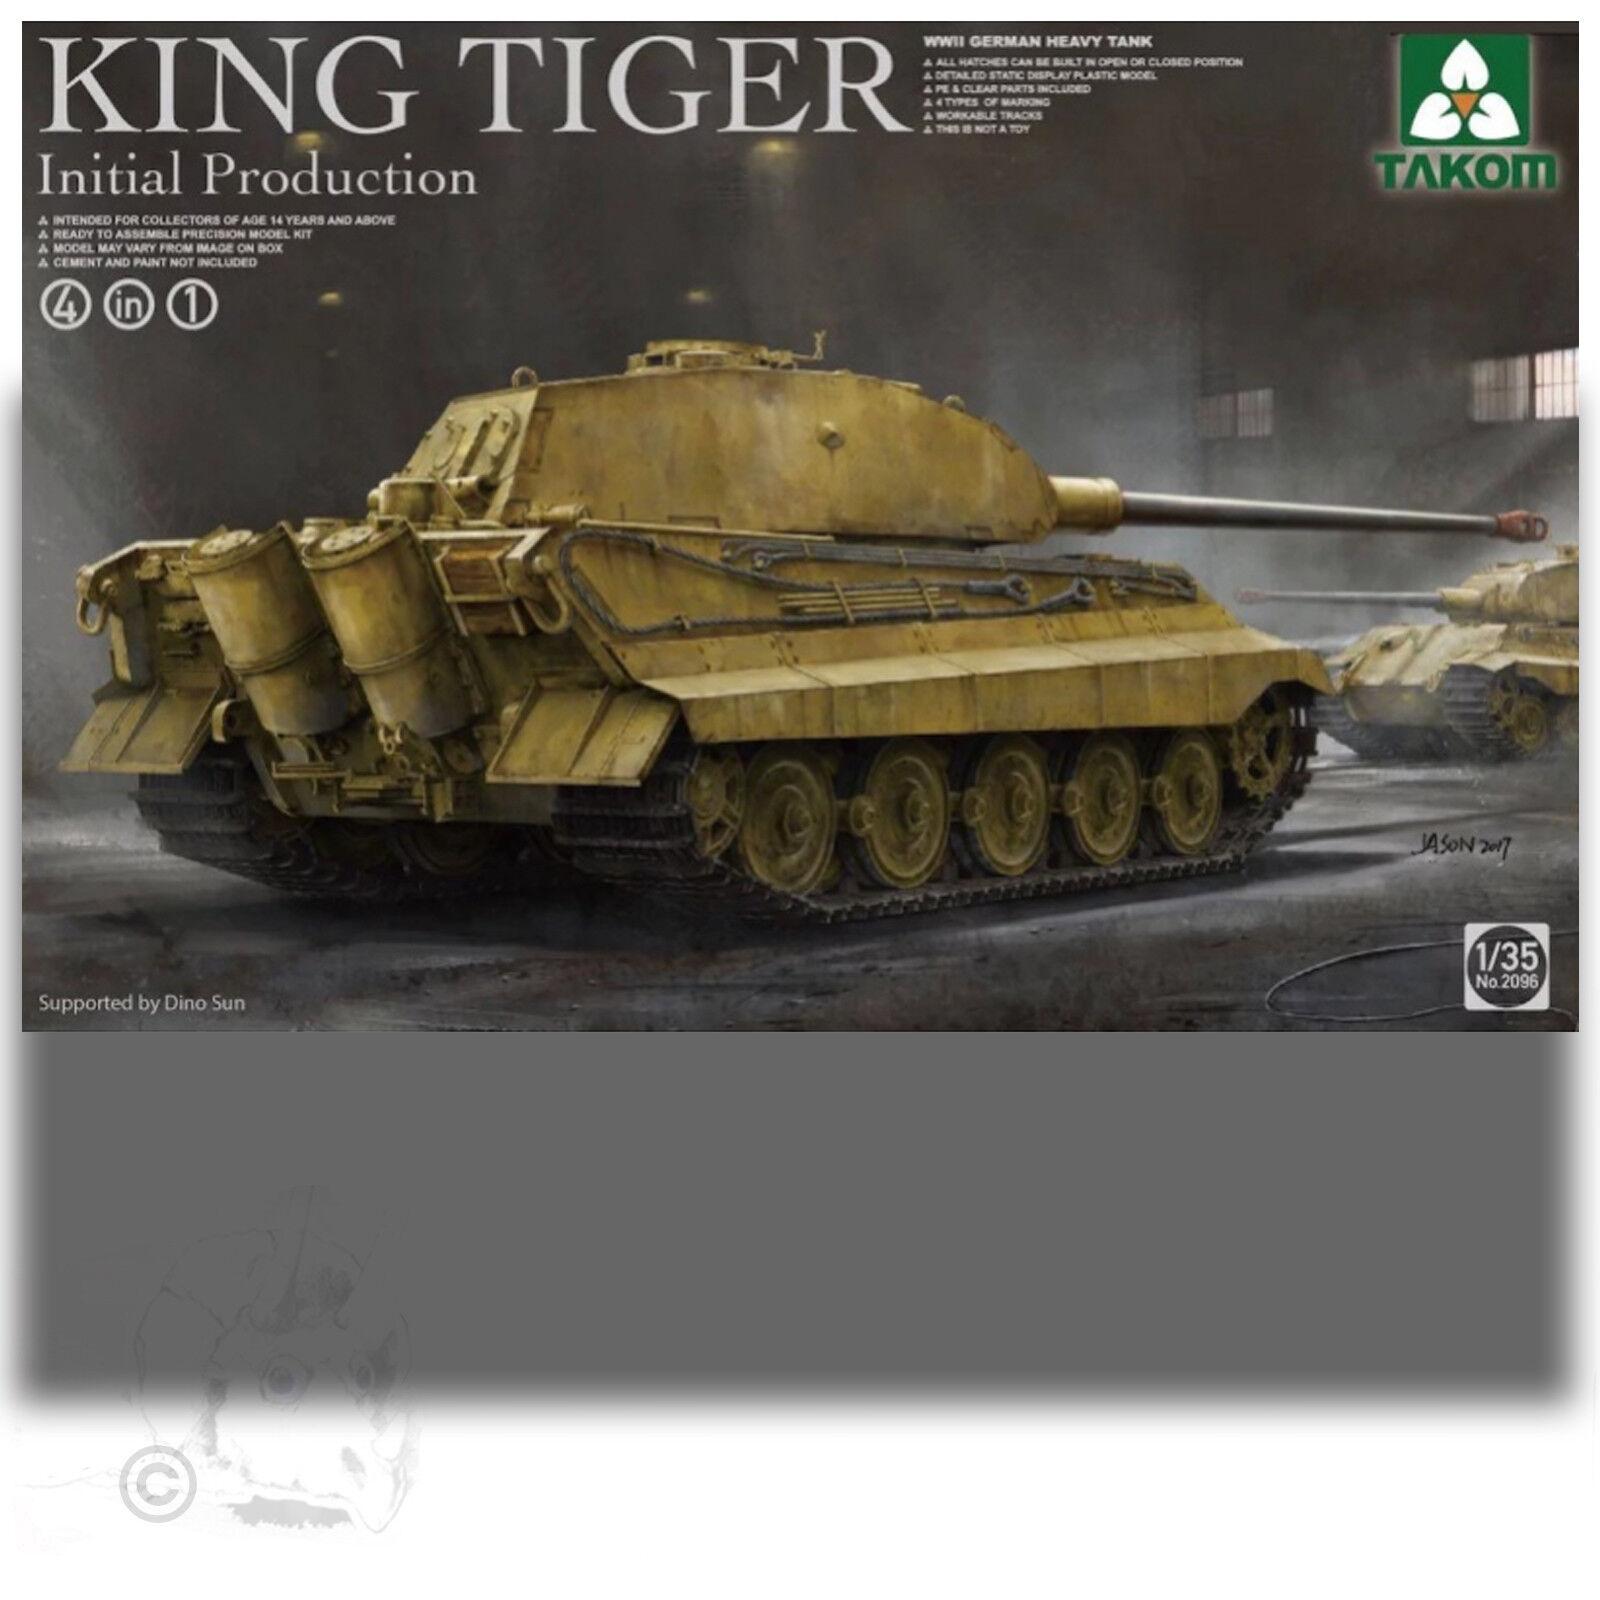 TAKOM 1 35 KING TIGER INITIAL PRODUCT 4 IN 1 MODEL KIT 2096